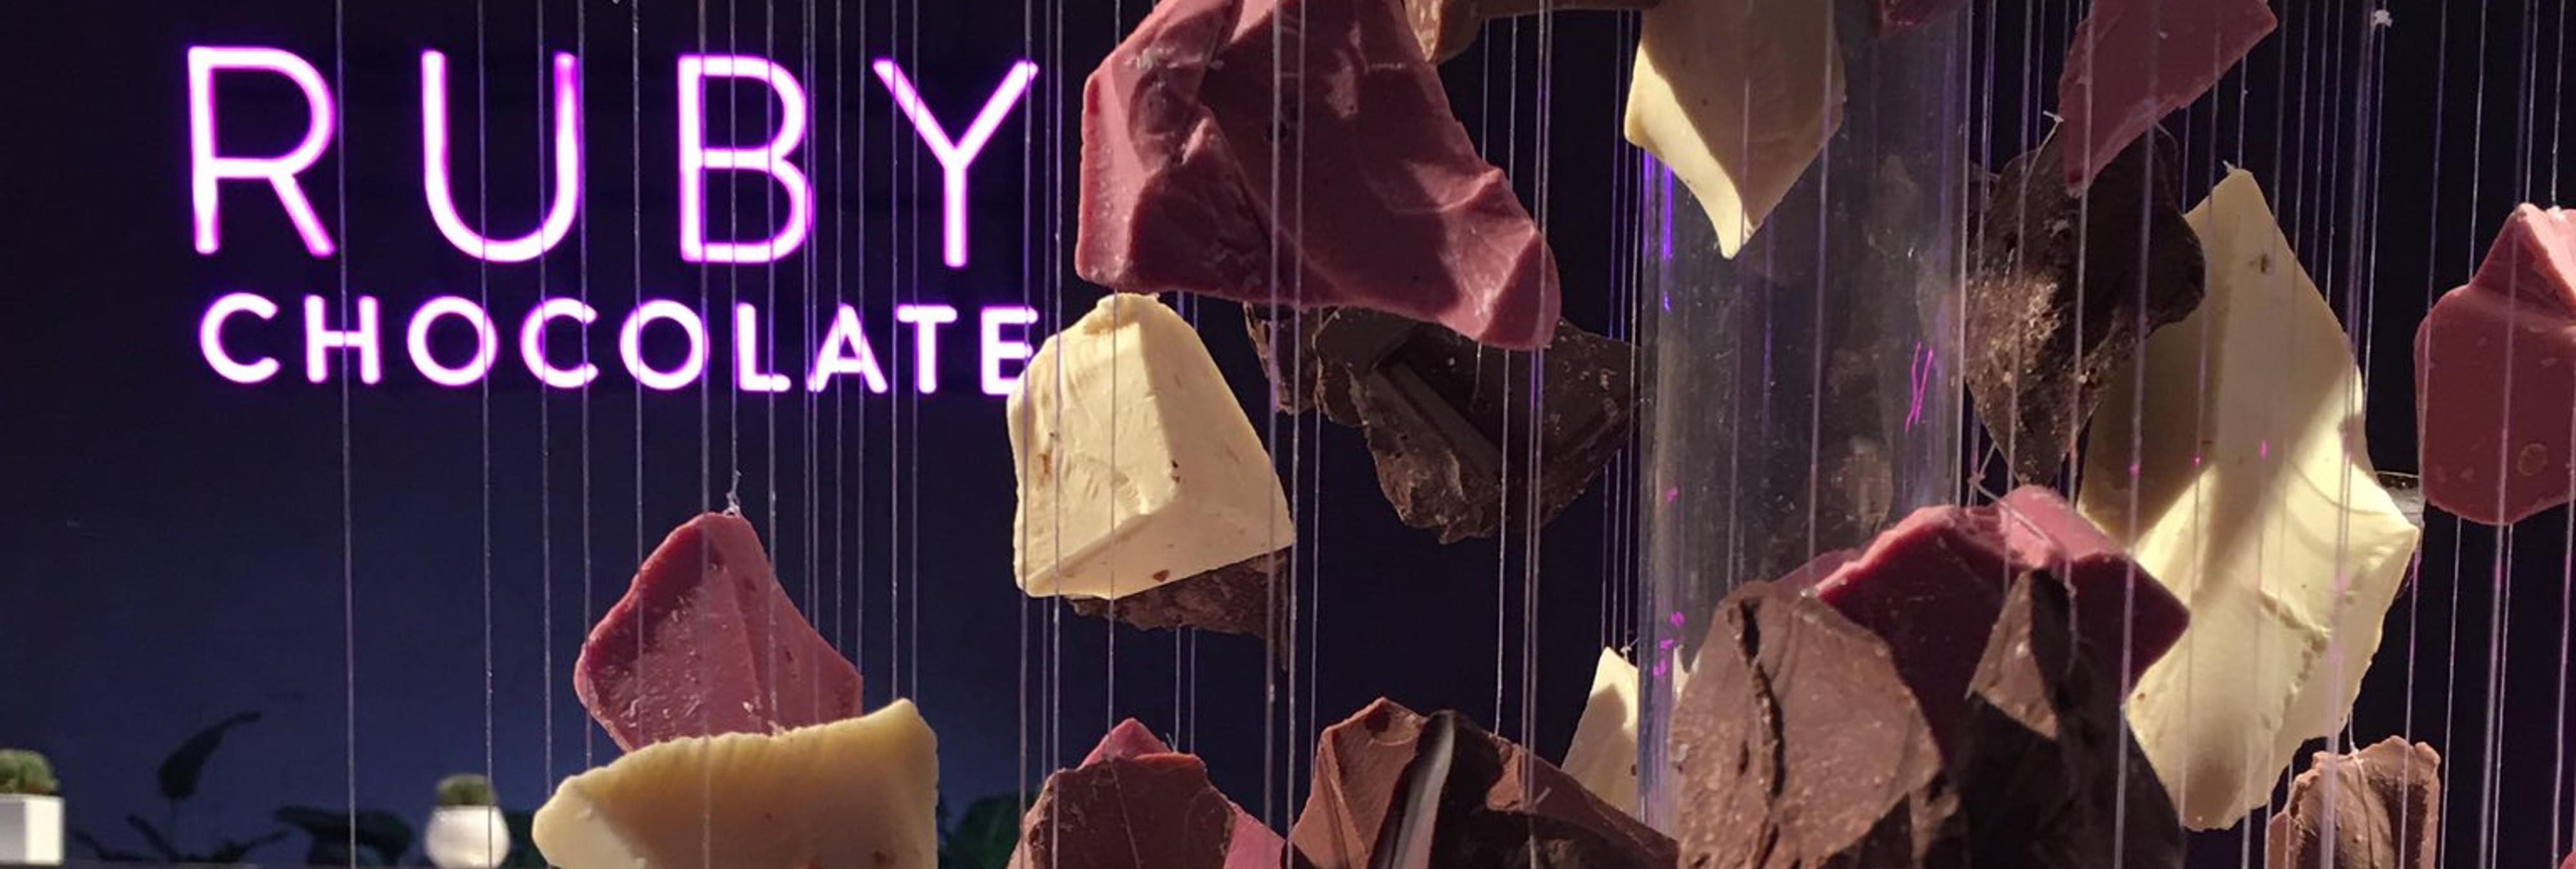 Chocolate Ruby, la nueva variedad natural de chocolate es rosa